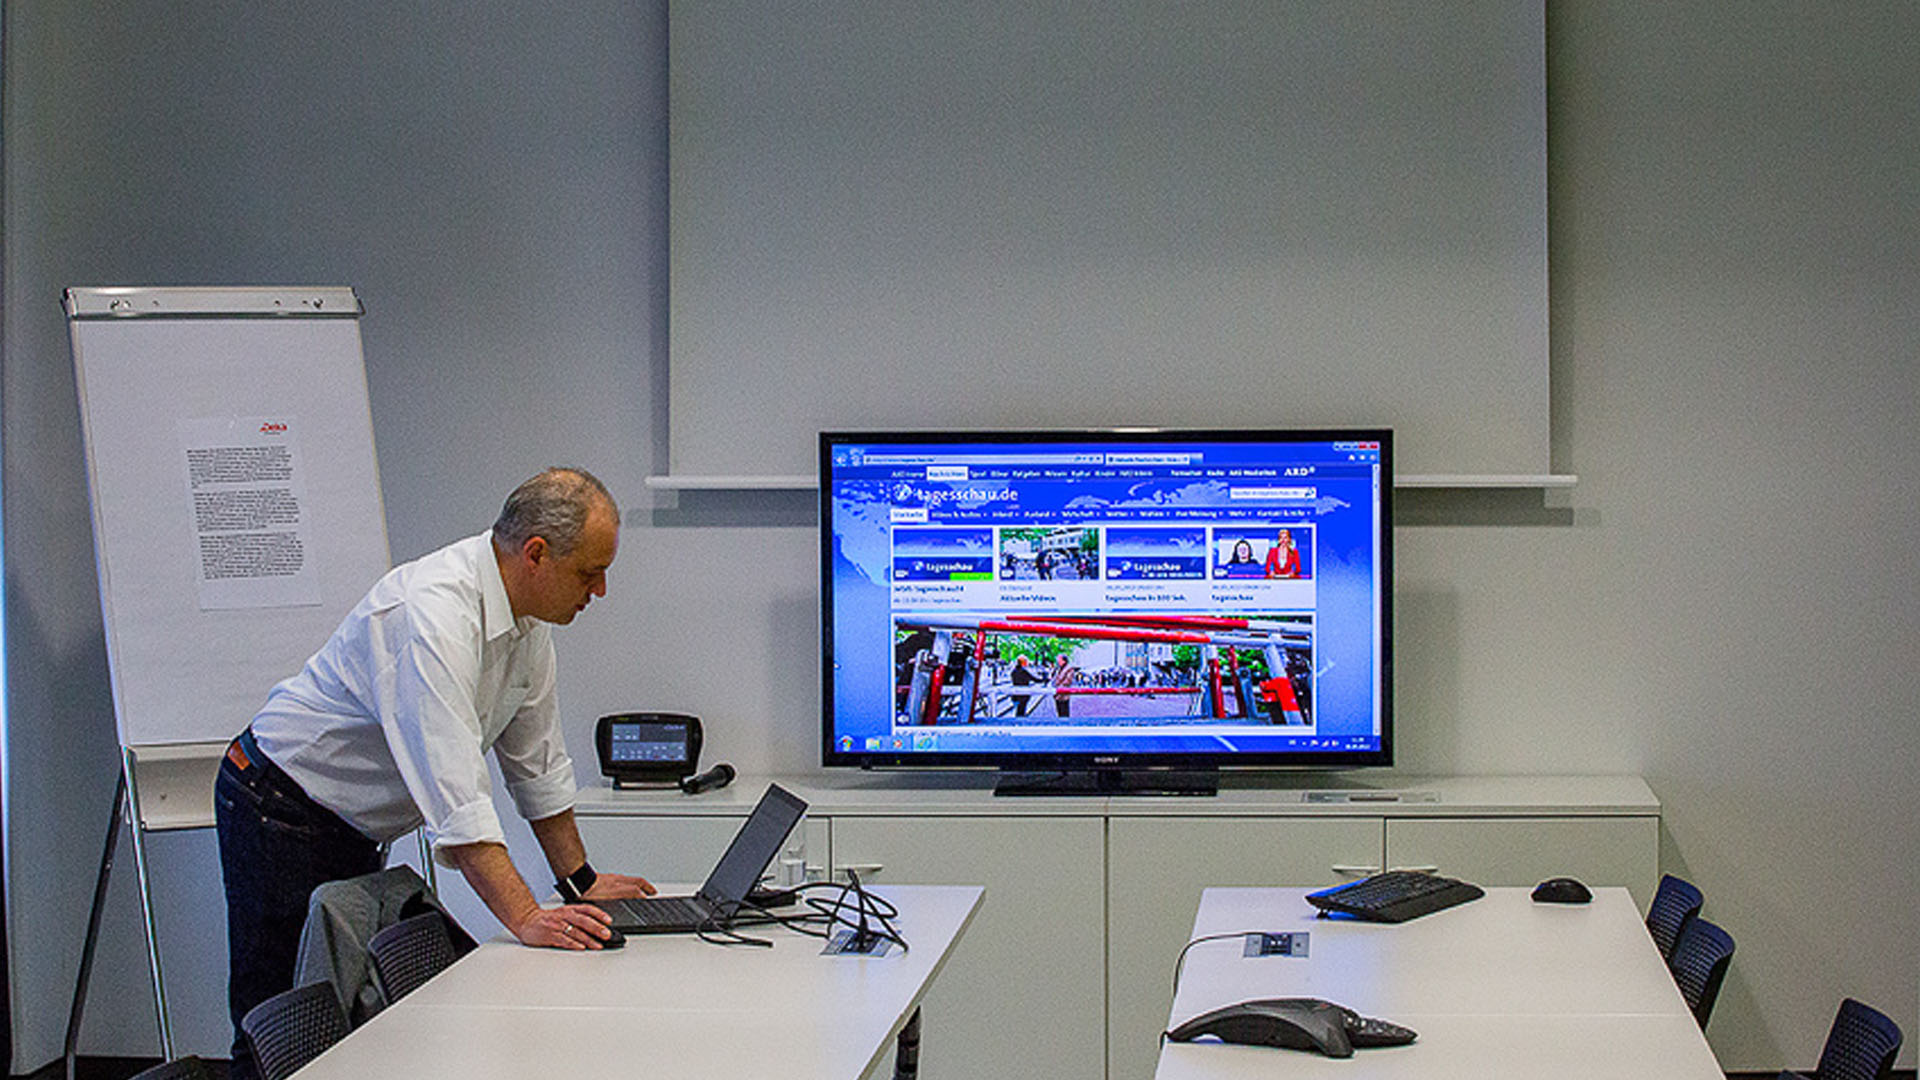 MAASS-Lichtplanung_Planung von Konferenzzentrum__MAASS-Trilounge-008